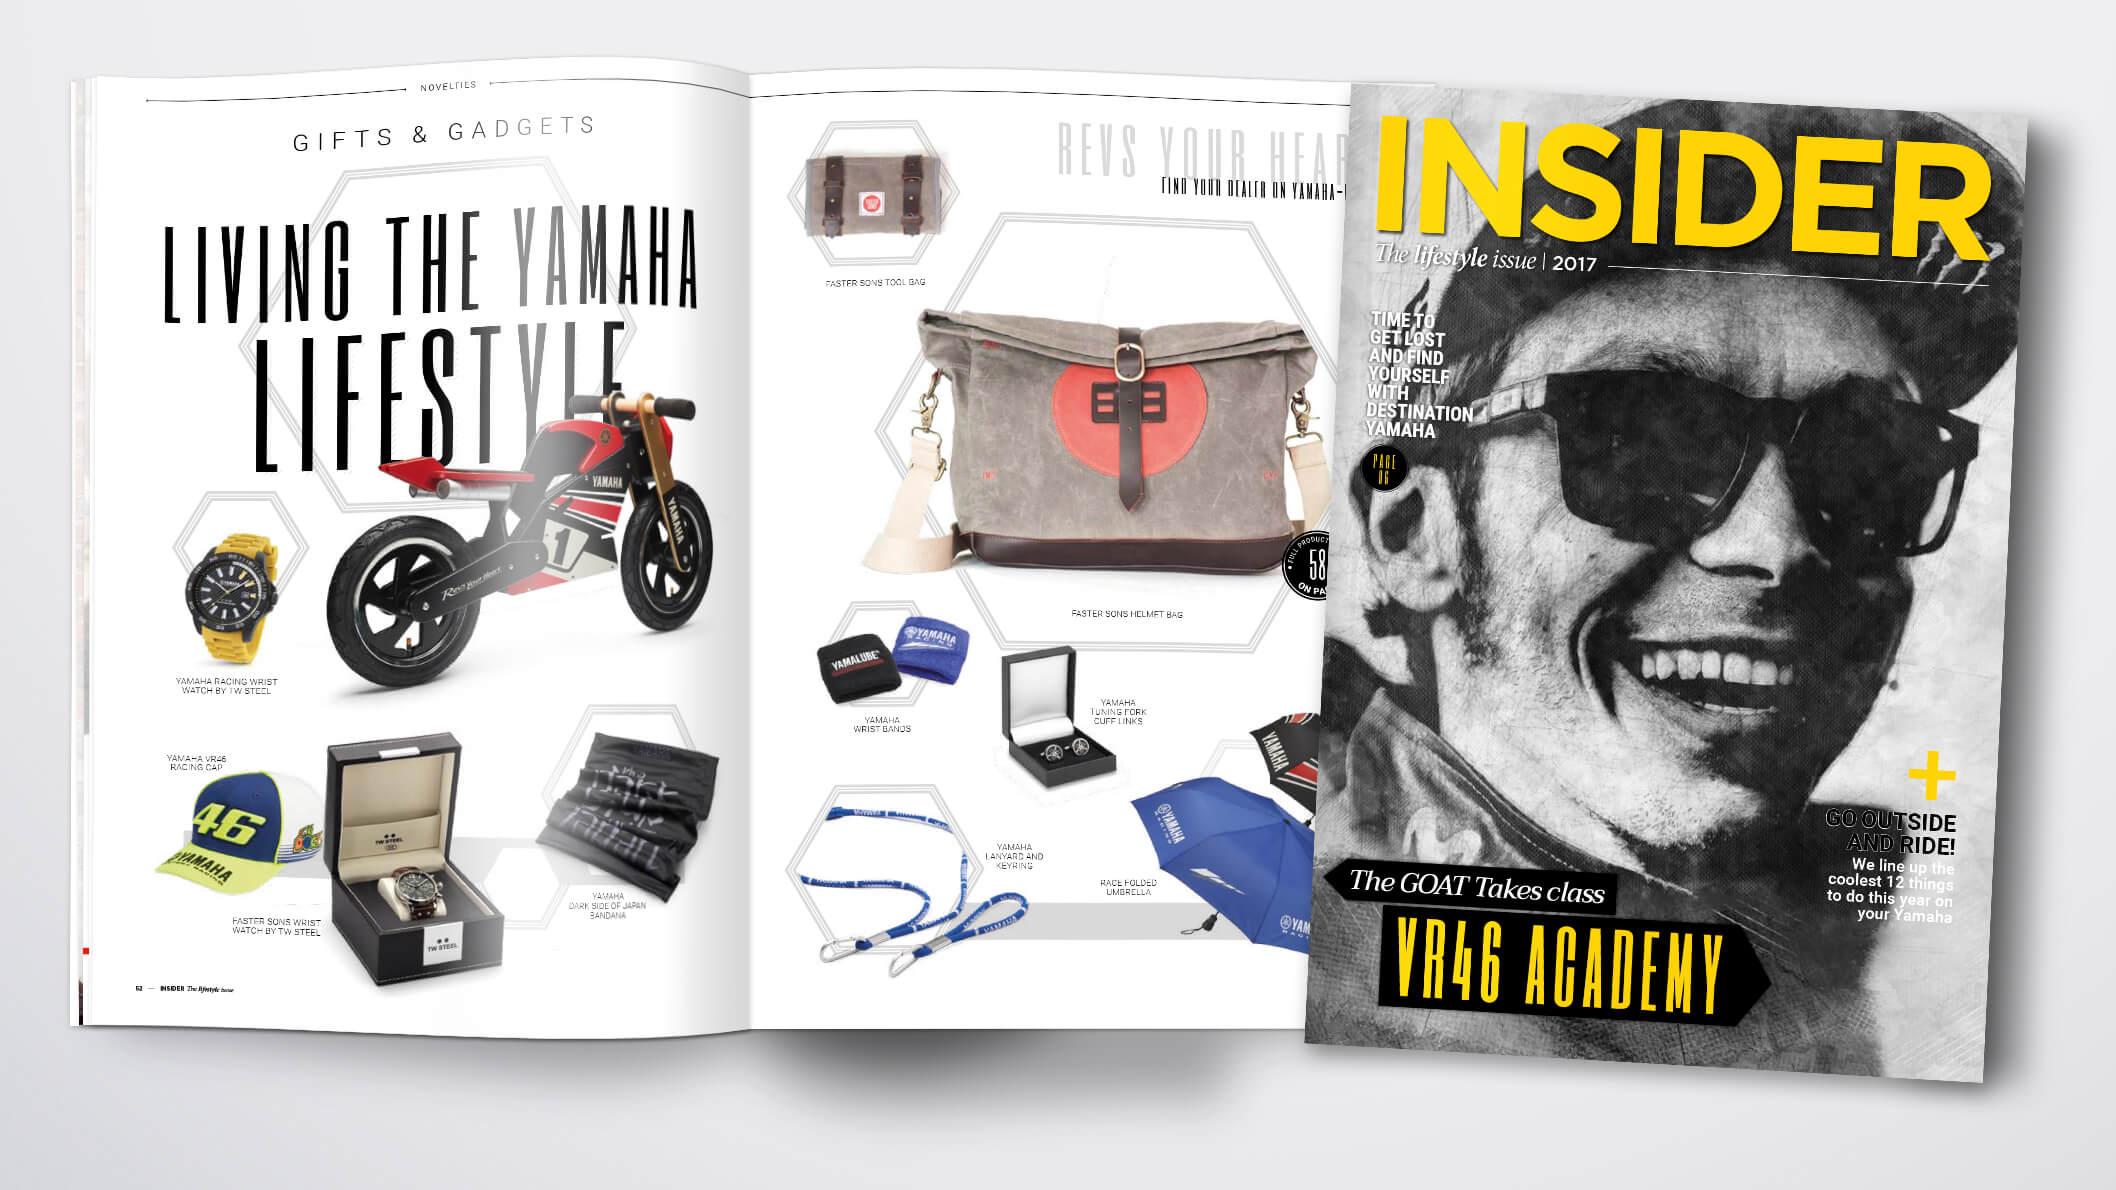 Insider Lifestyle Magazine 2017 Living the Yamaha Lifestyle